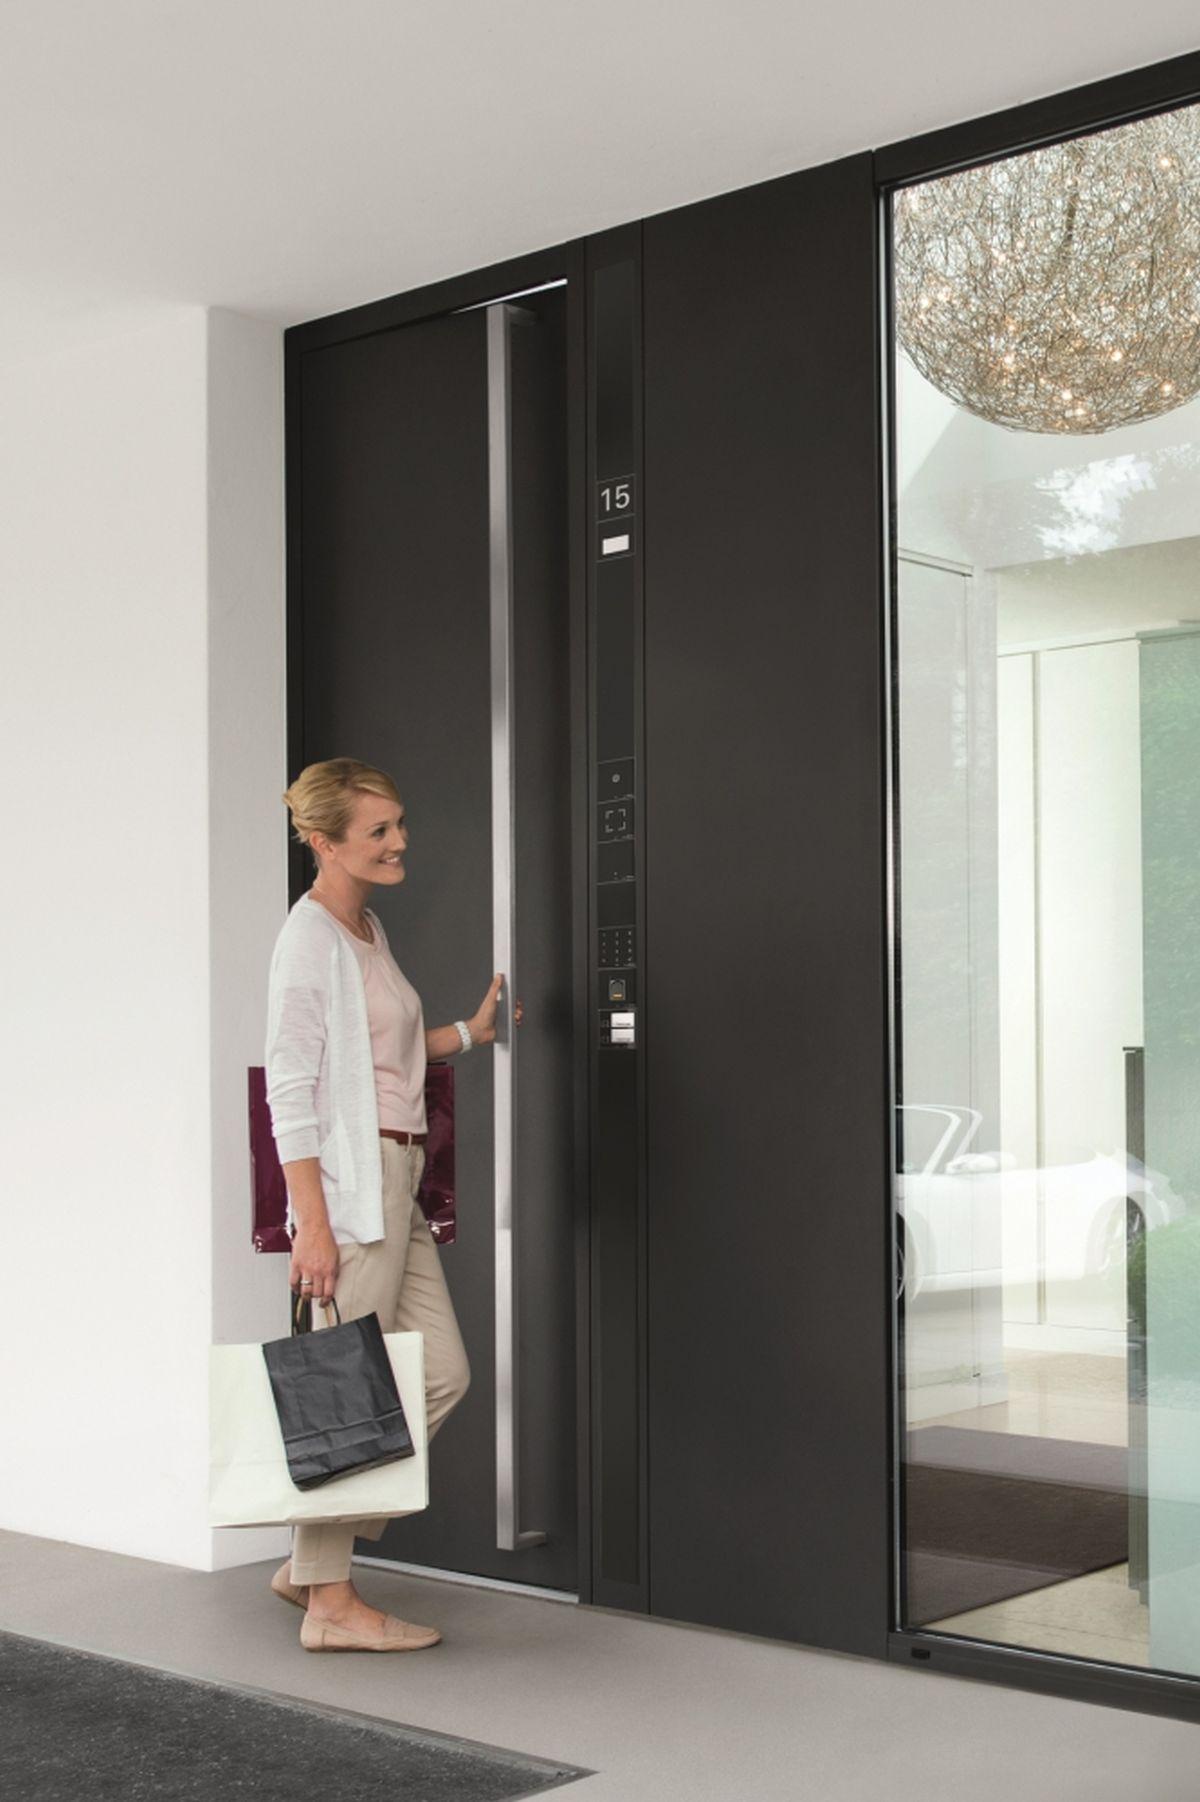 Vchodové dveře a jejich možnosti zabezpečení slide 5